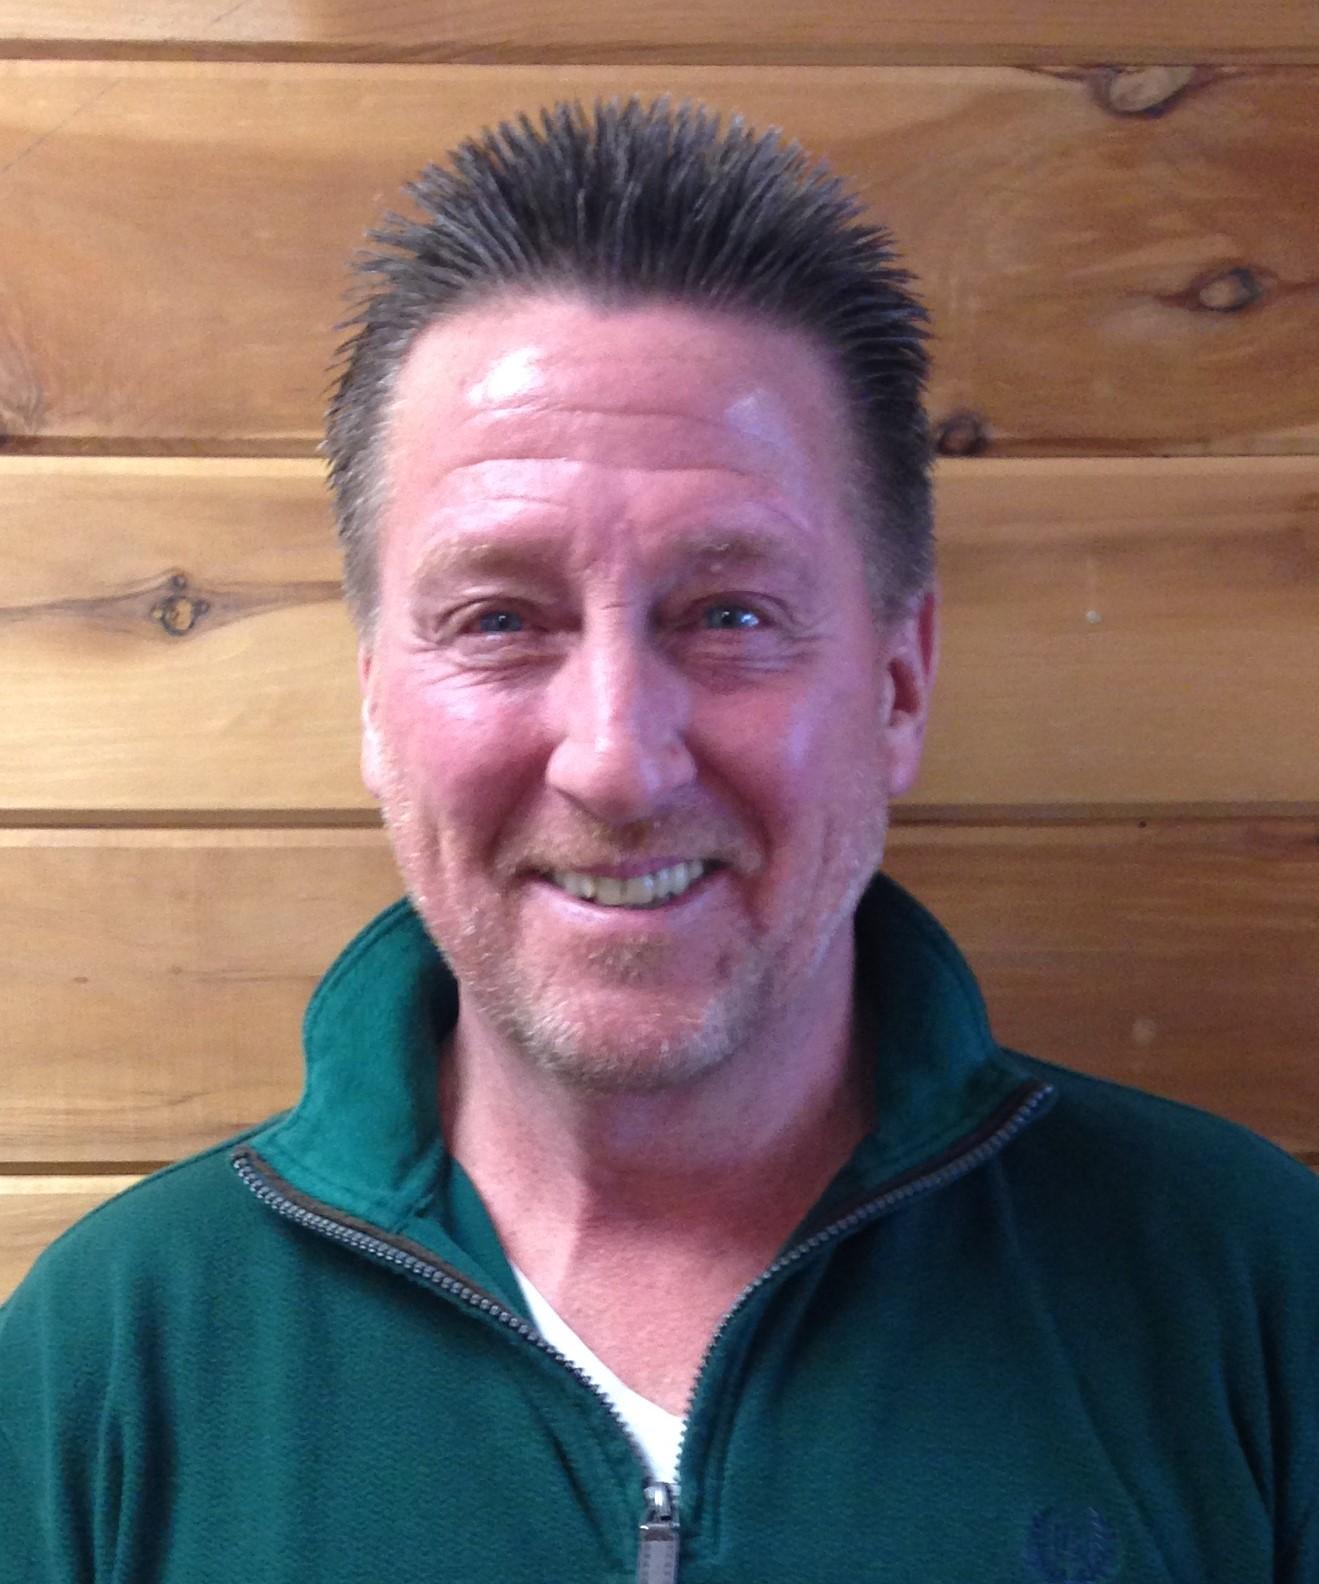 Kevin Doolittle